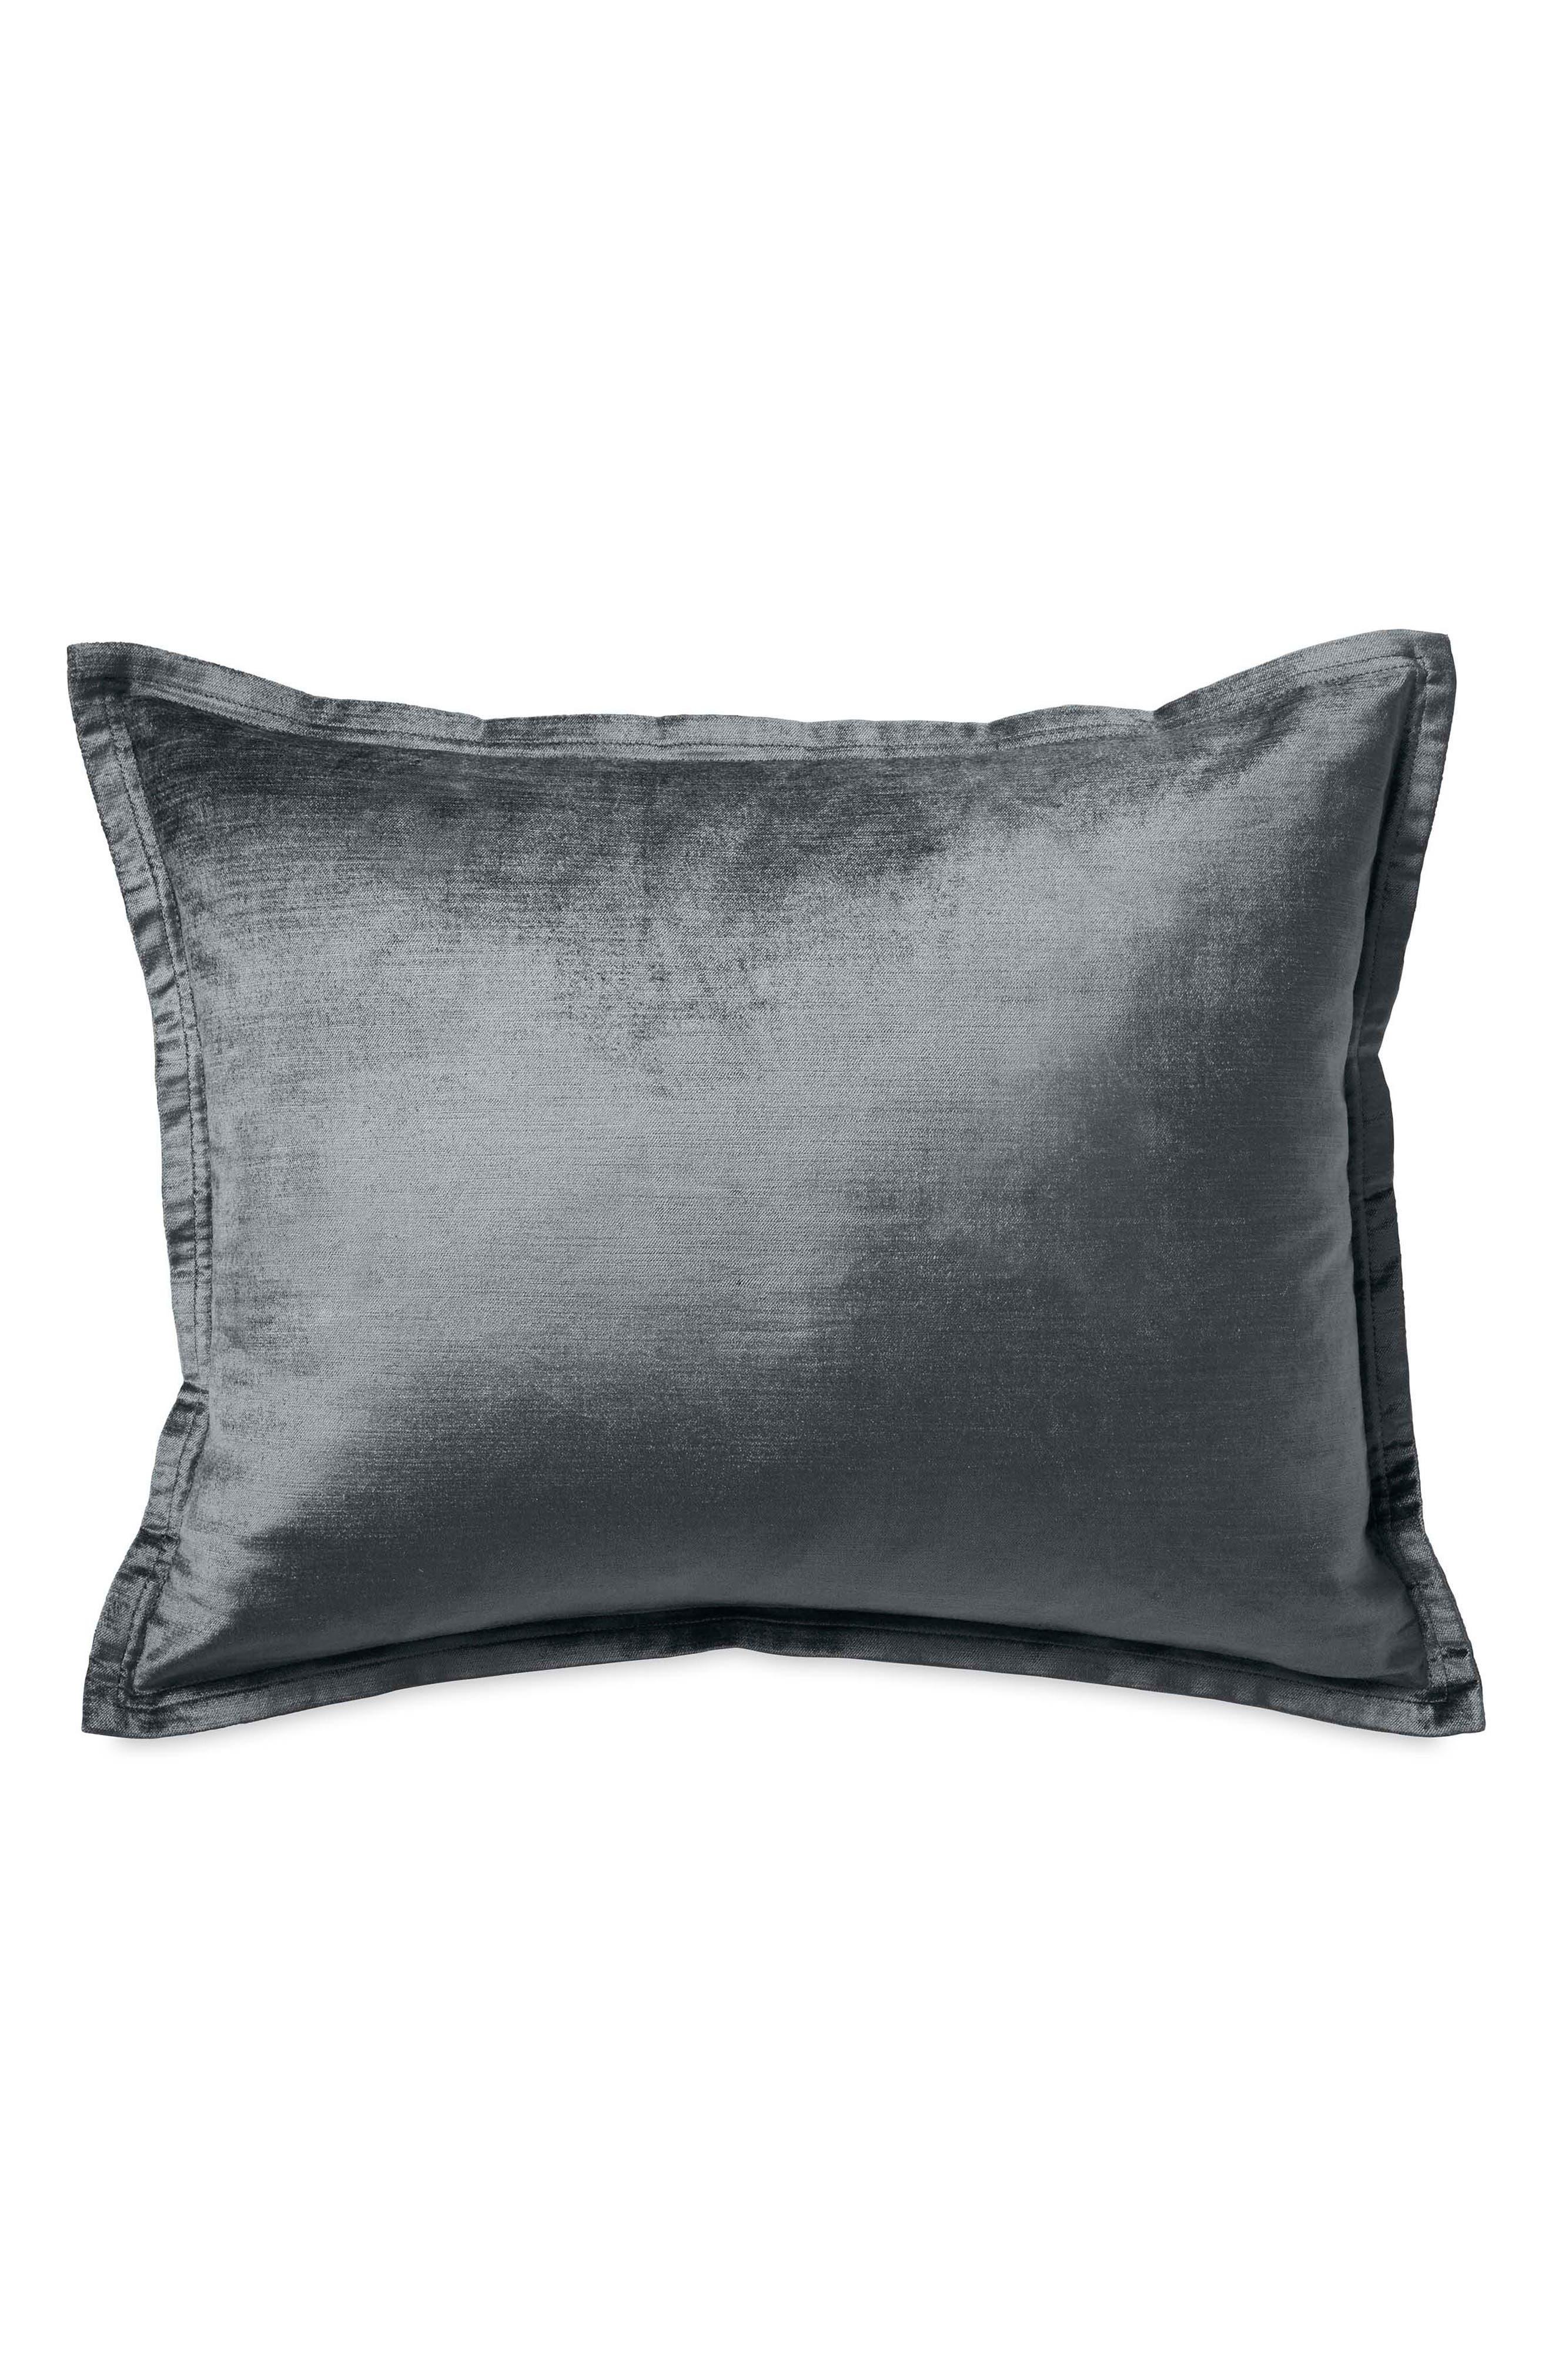 Exhale Pillow,                         Main,                         color, 020